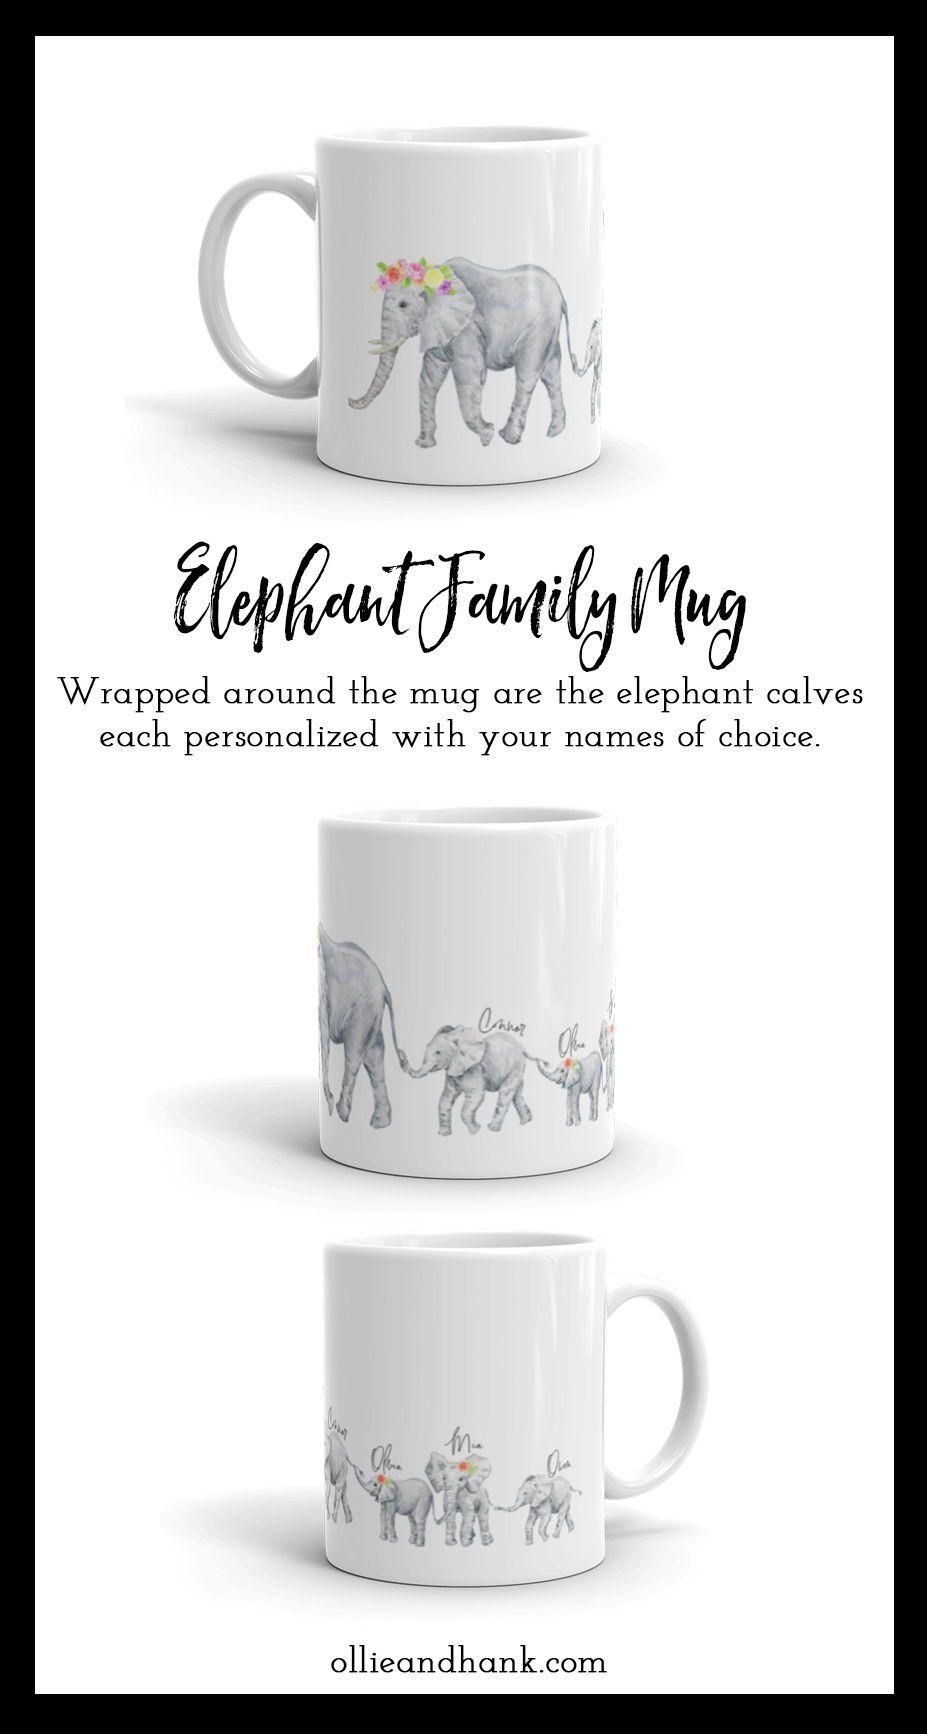 Elephant family mug birthday gift for mom from kids